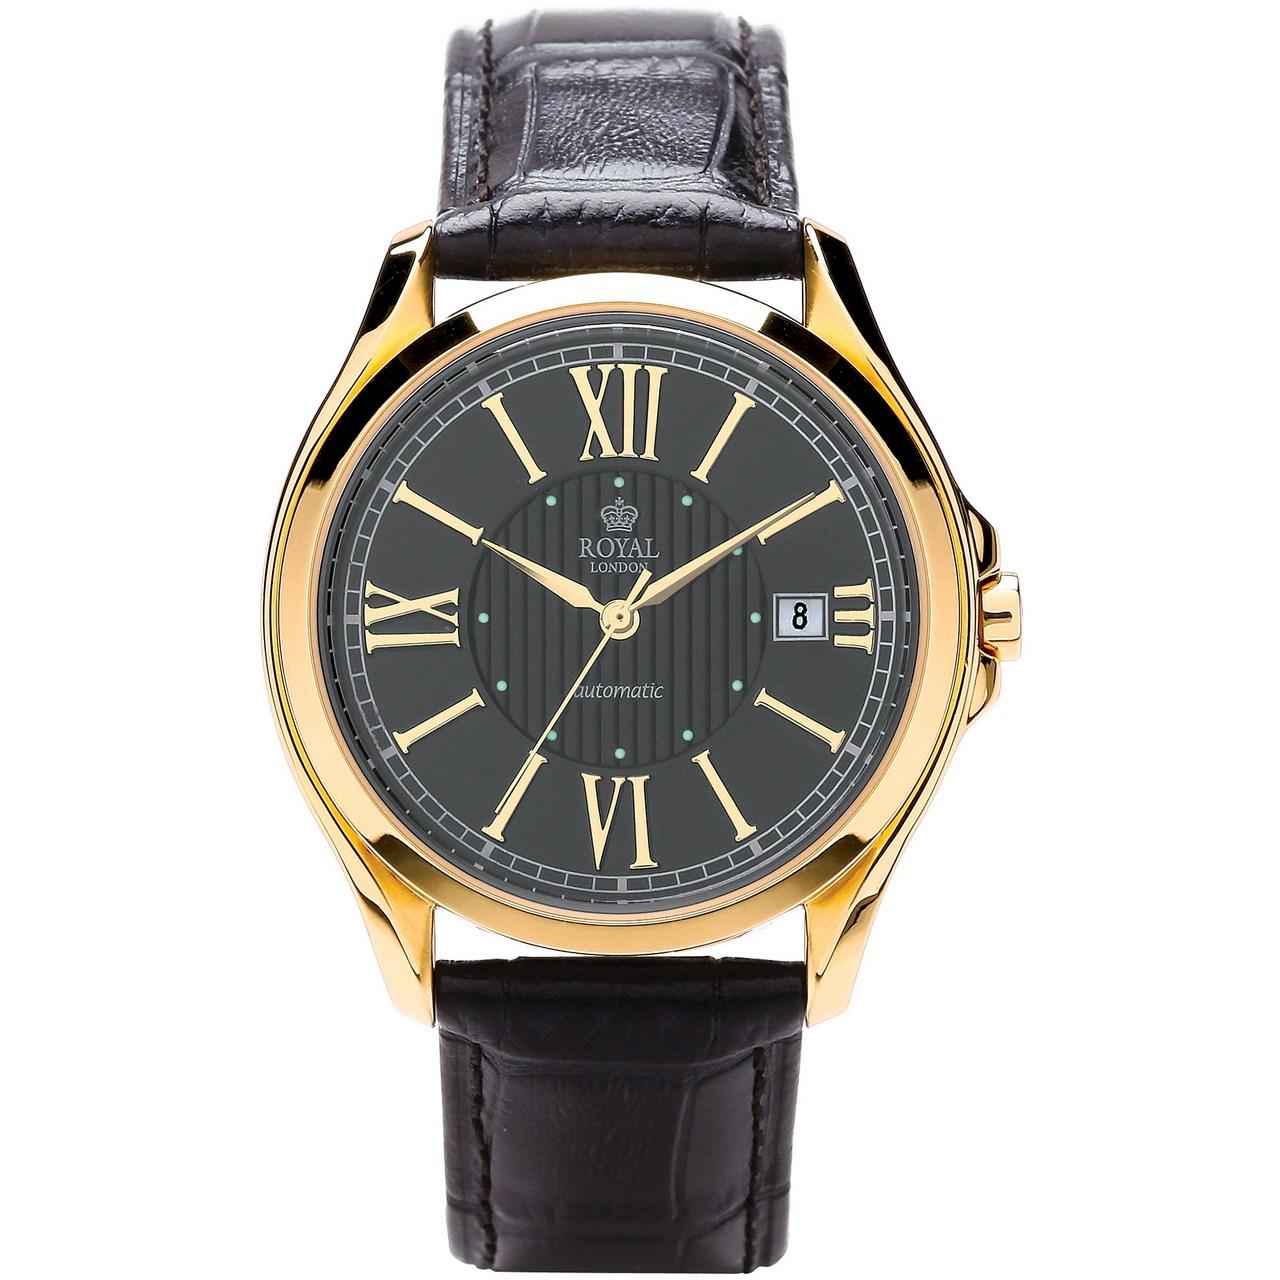 ساعت مچی عقربه ای مردانه رویال لندن مدل RL-41152-04 55